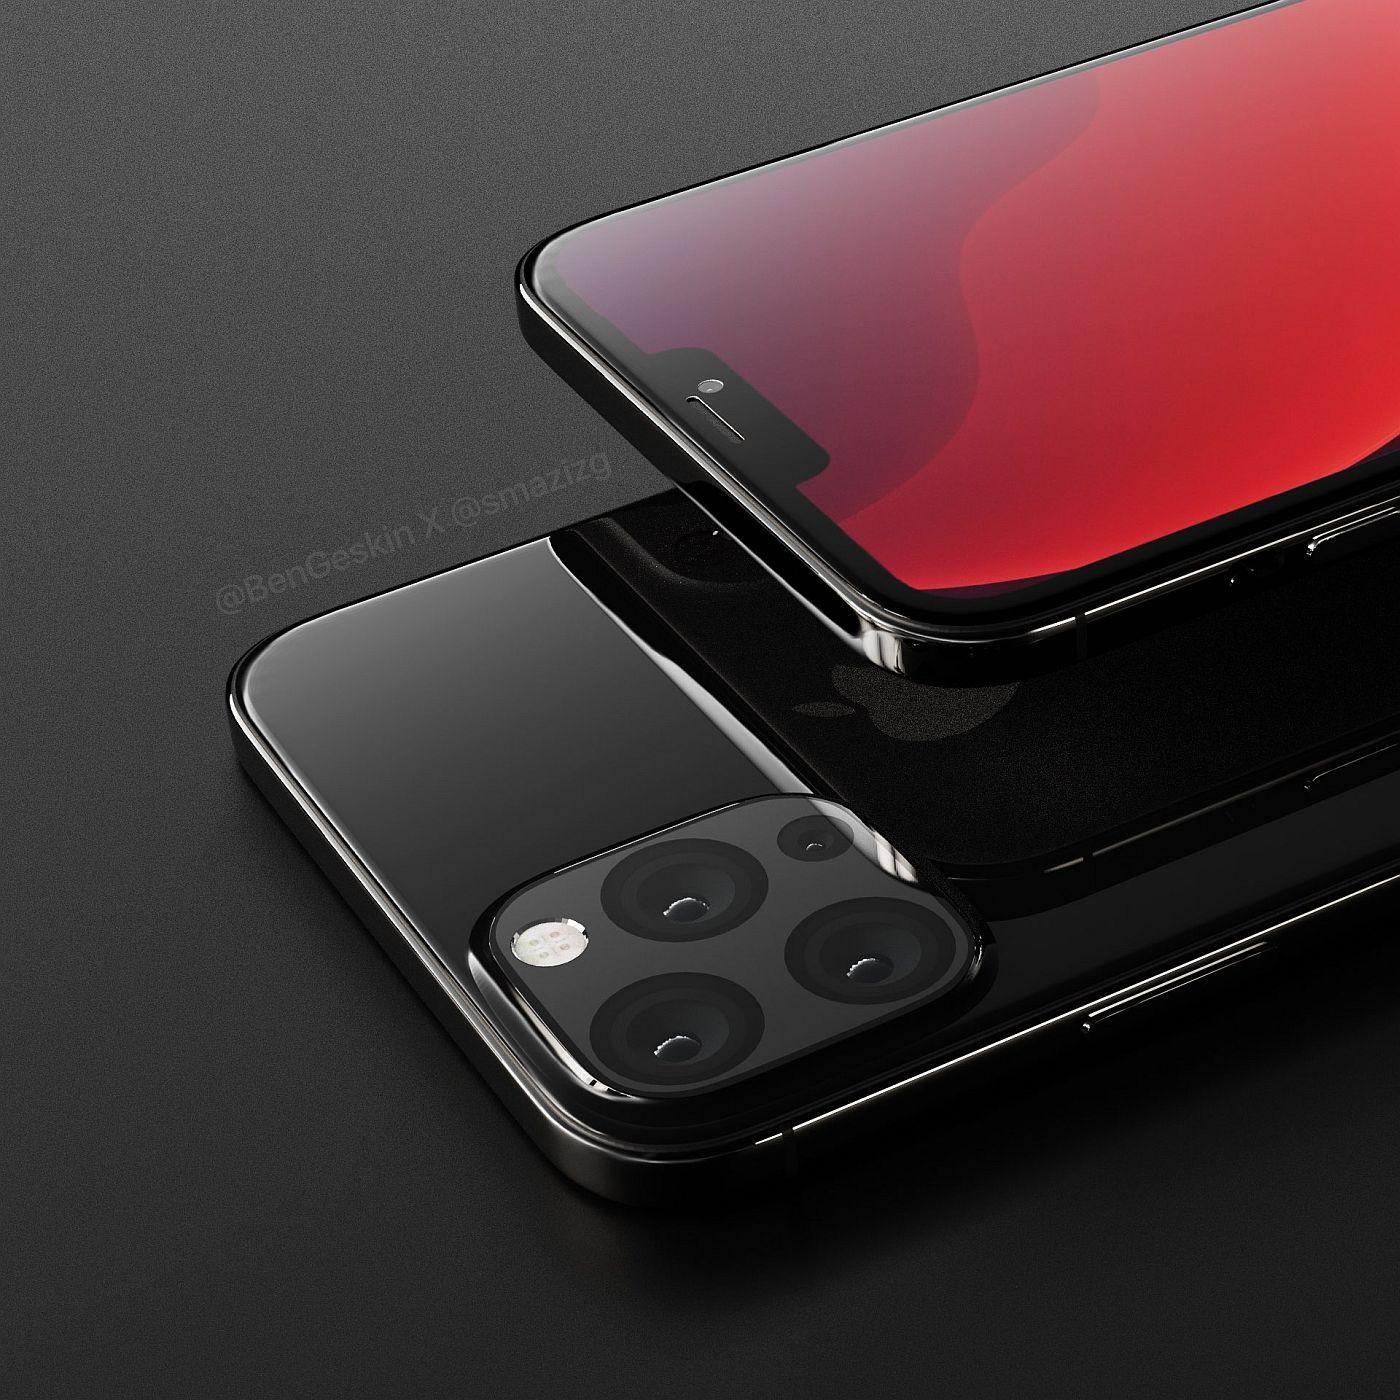 iPhone 2020 is Back in More Renders, Specs - Concept Phones